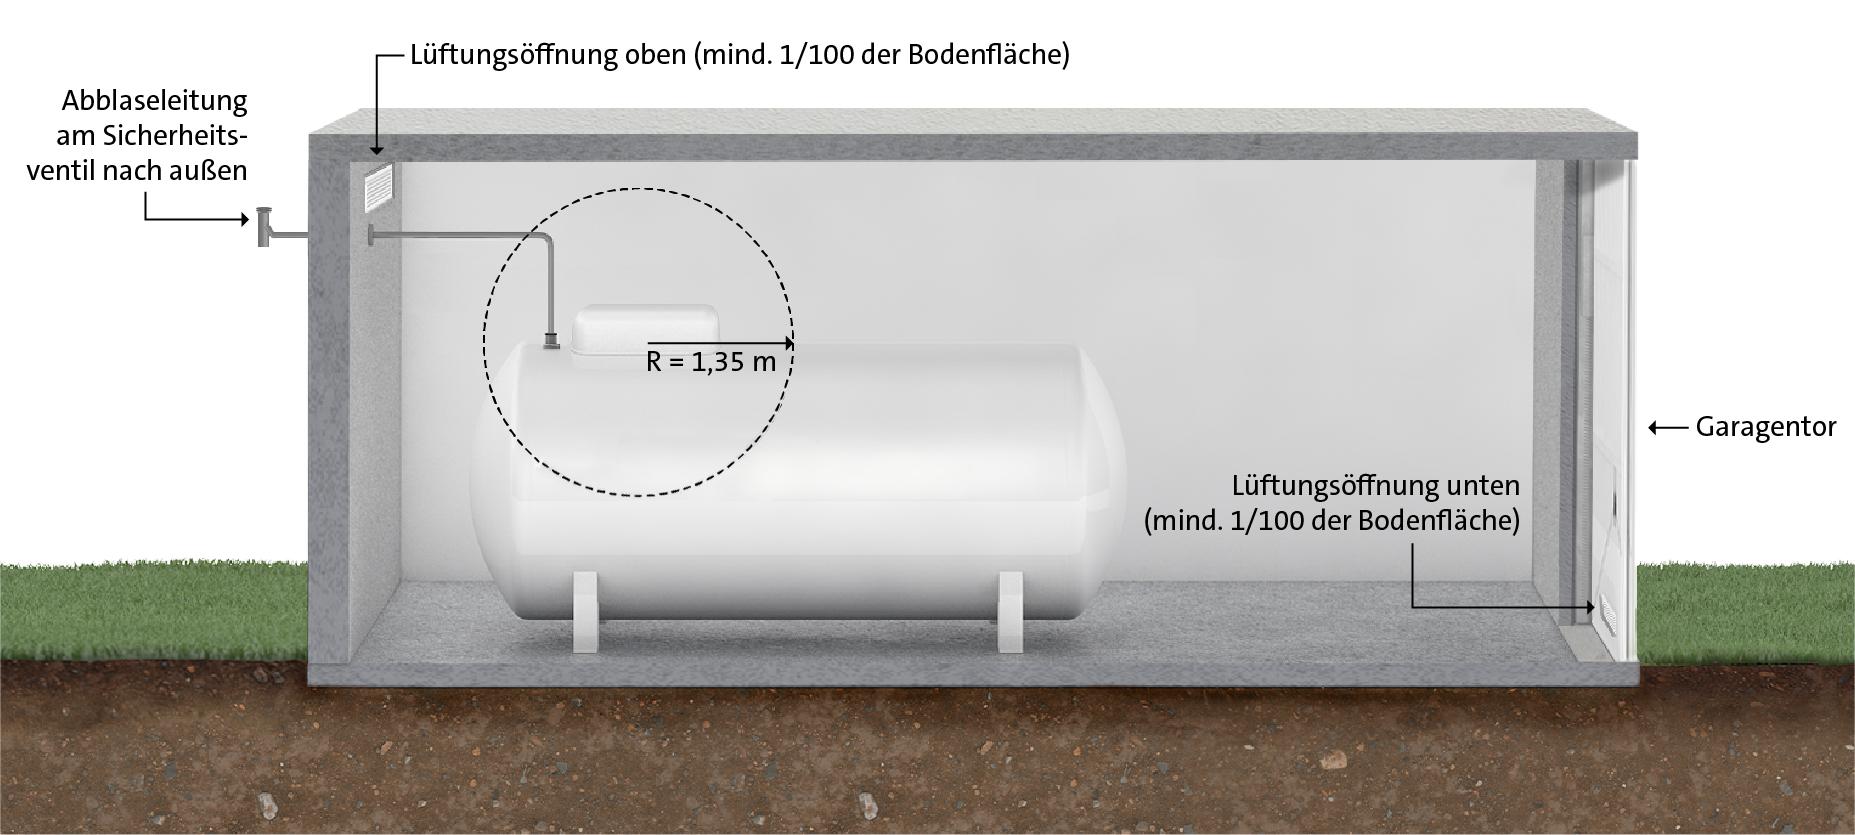 Modell eines Flüssiggastanks, der in einem geschlossenen Raum installiert ist.